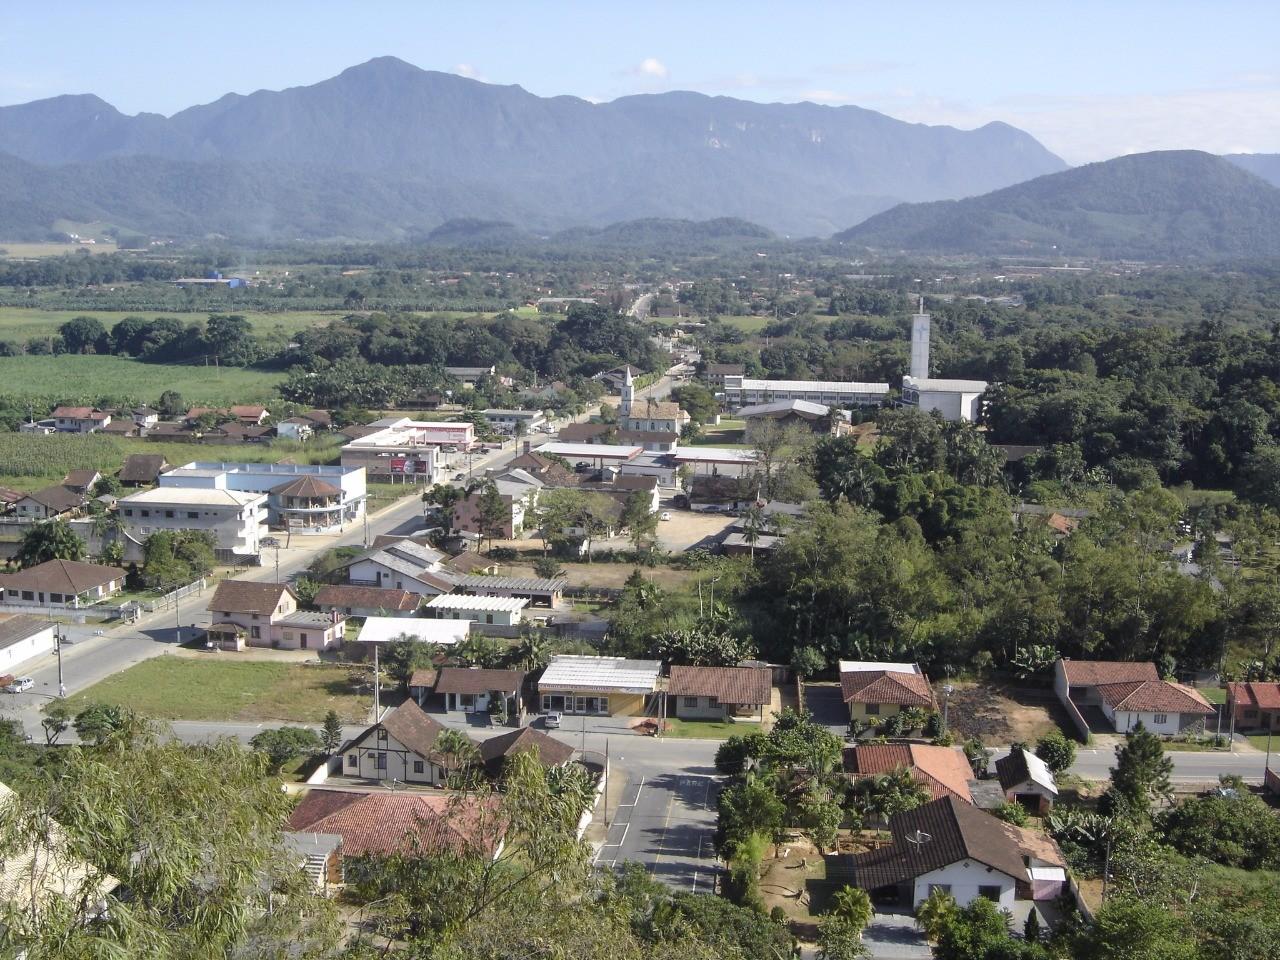 Vista aérea de Schroeder. A imagem mostra montanhas, céu azul, uma rua e várias construções rodeadas pela natureza conservada há mais de 56 anos.